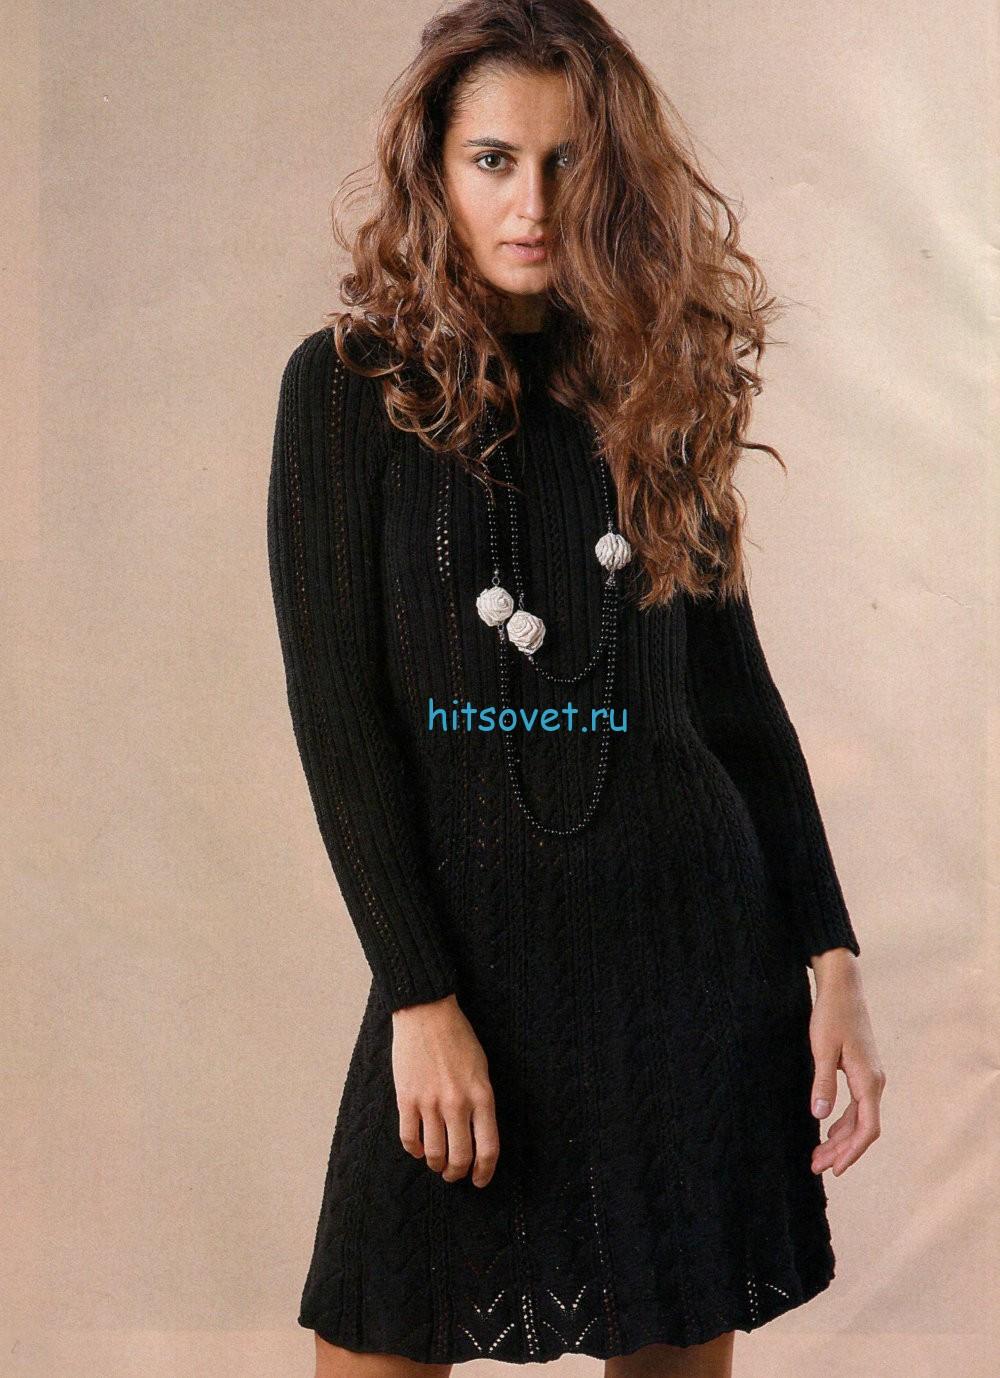 Вязание черного платья